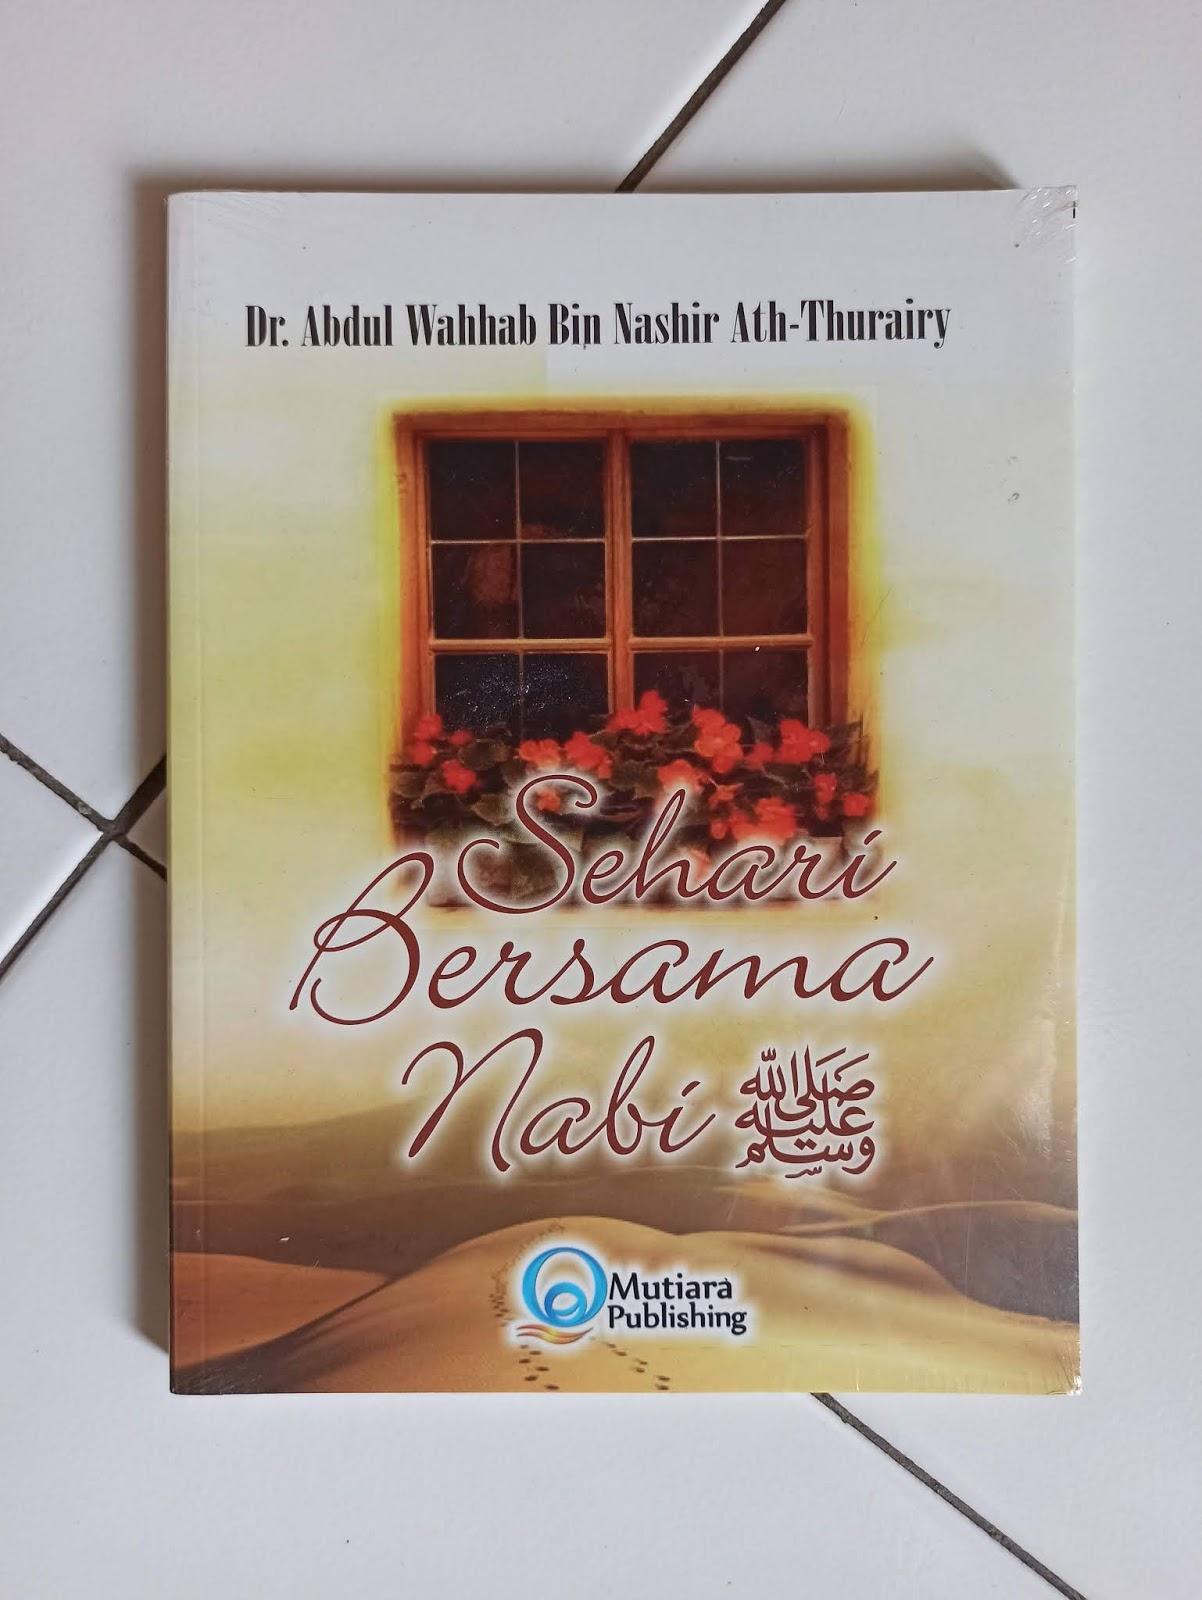 Buku Islam karya Dr. Abdul Wahhab Bin Nashir Ath-Thurairy